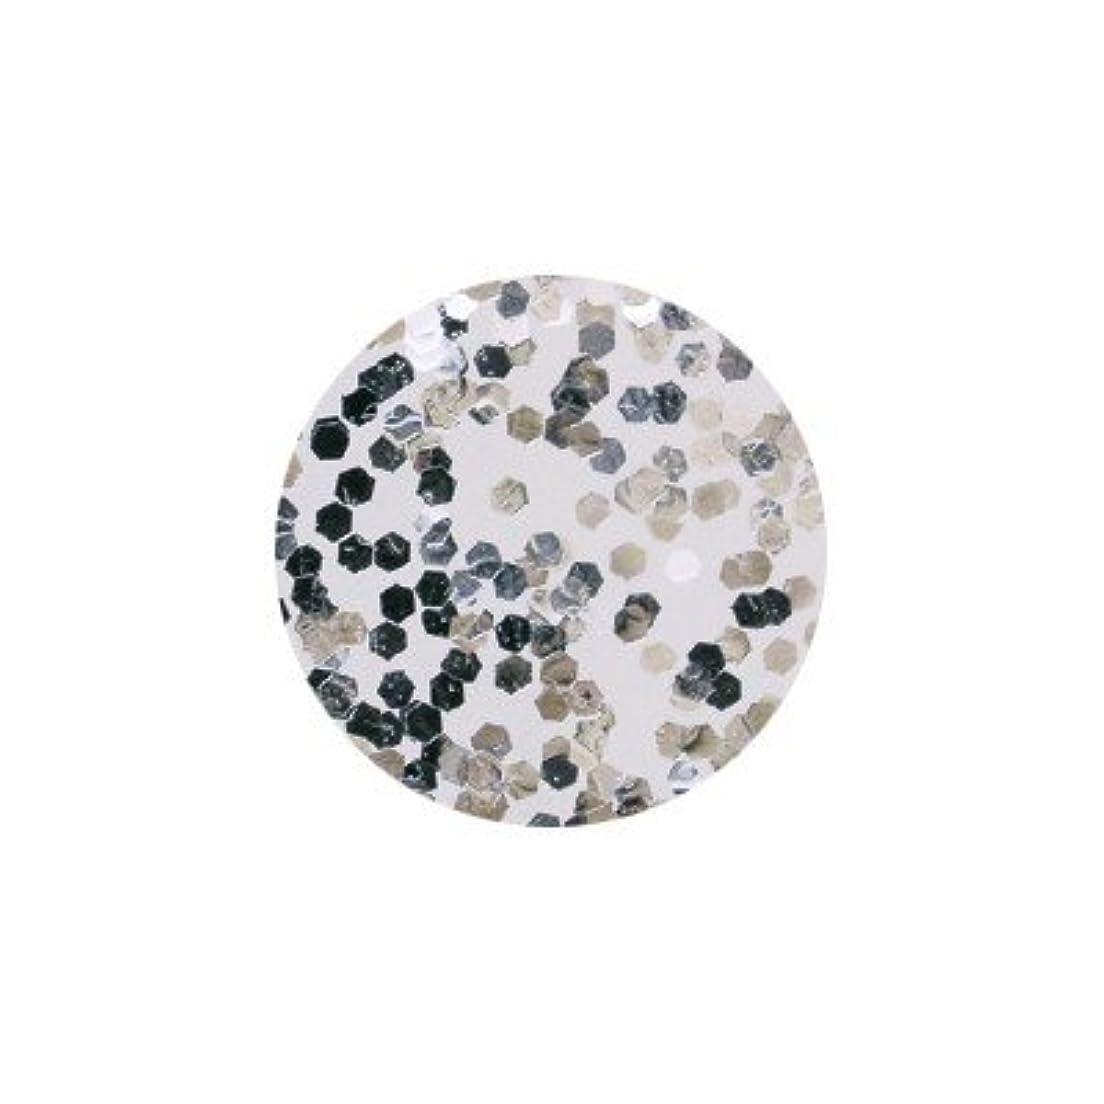 ピカエース ネイル用パウダー 六角メタリック 1mm #571 シルバー 0.5g